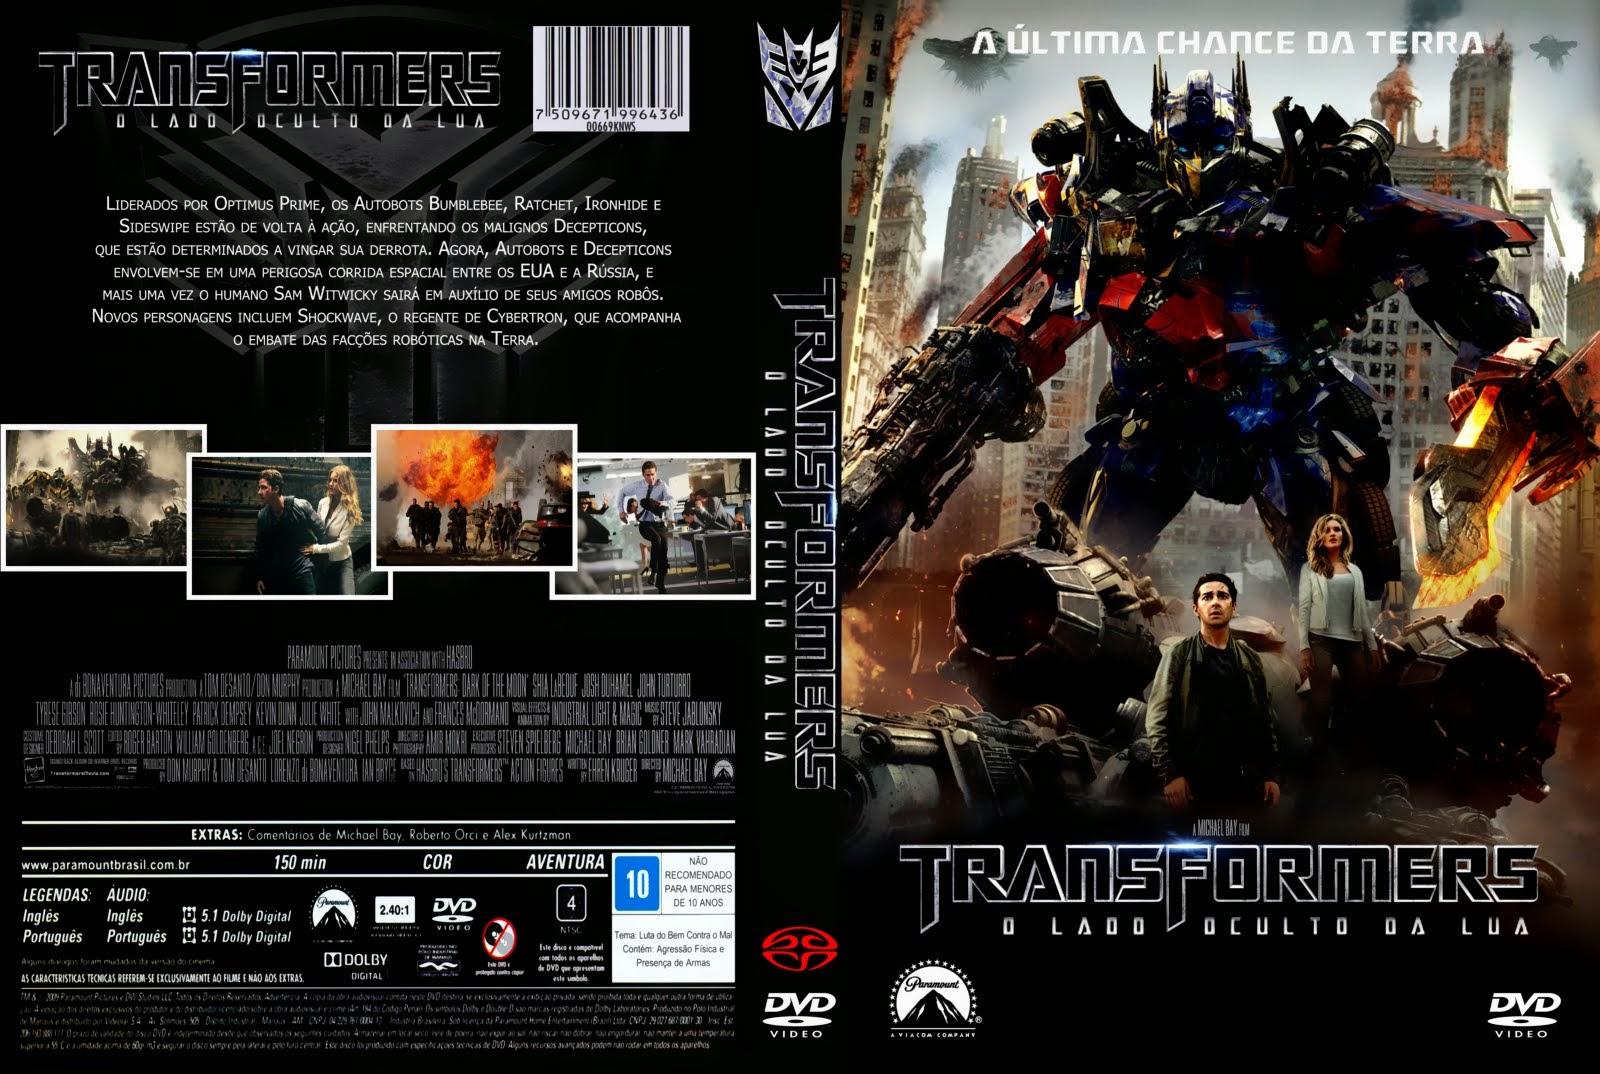 Assistir filme transformers 4 dublado online dating 7